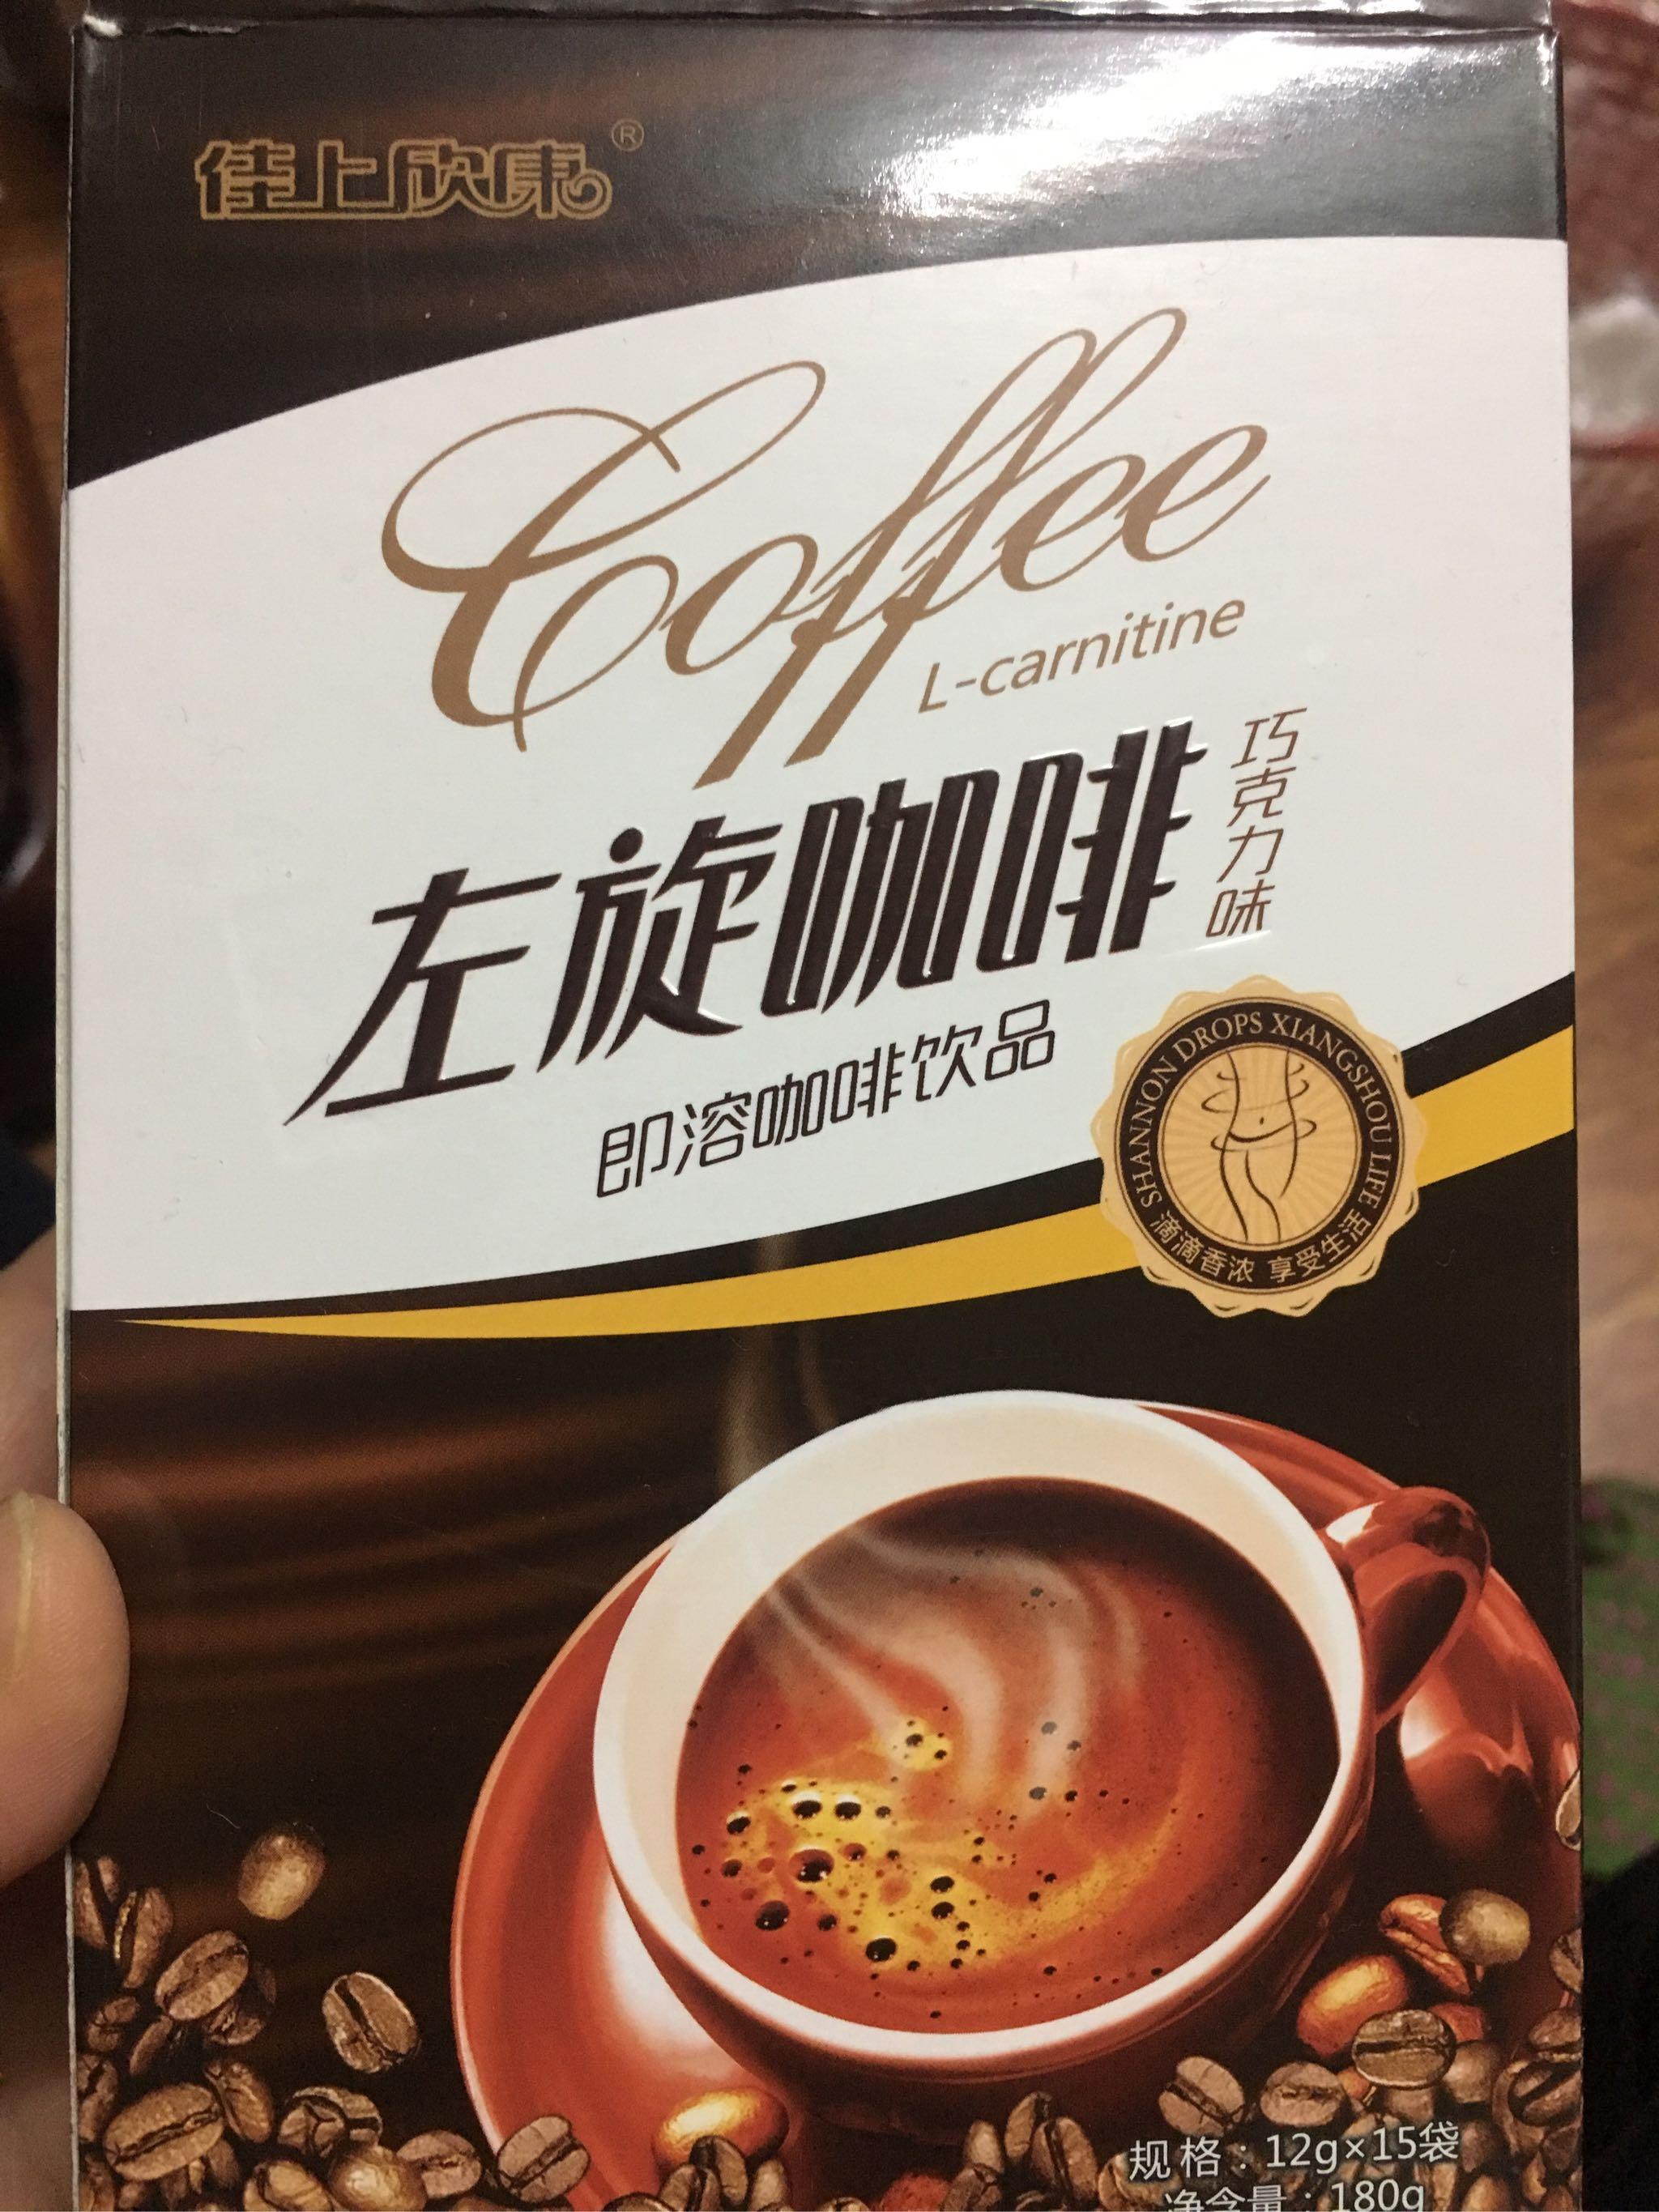 蛋白质和脂肪都是0的左旋咖啡,用于减肥很不错